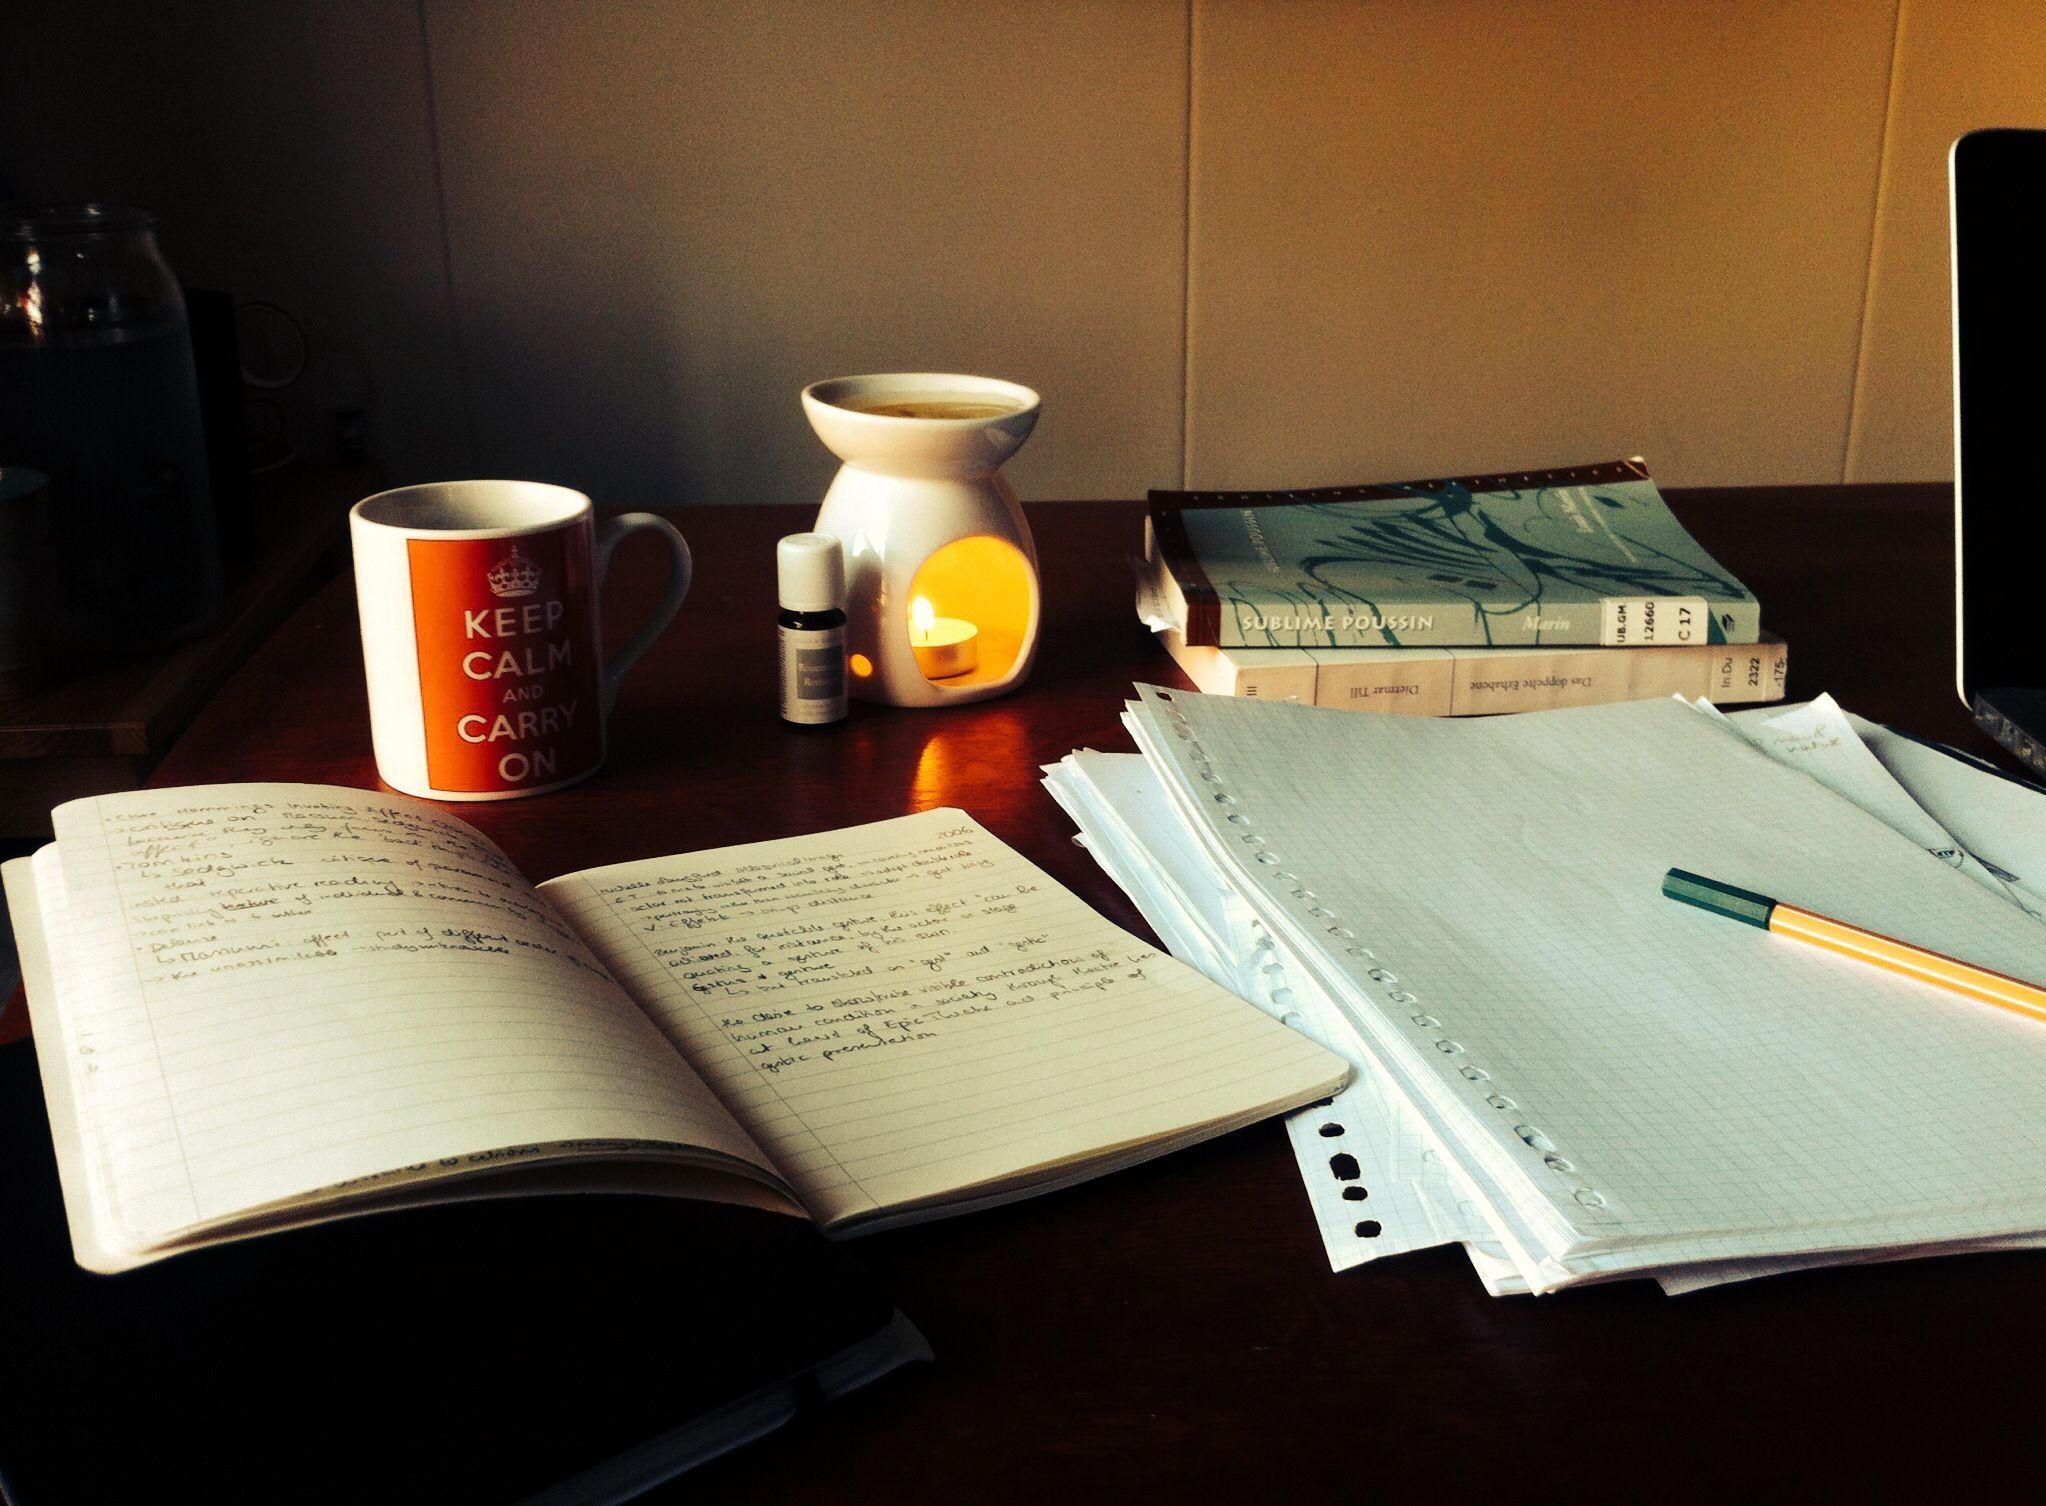 تفاوت پایان نامه و رساله | فرق بین پایان نامه و رساله